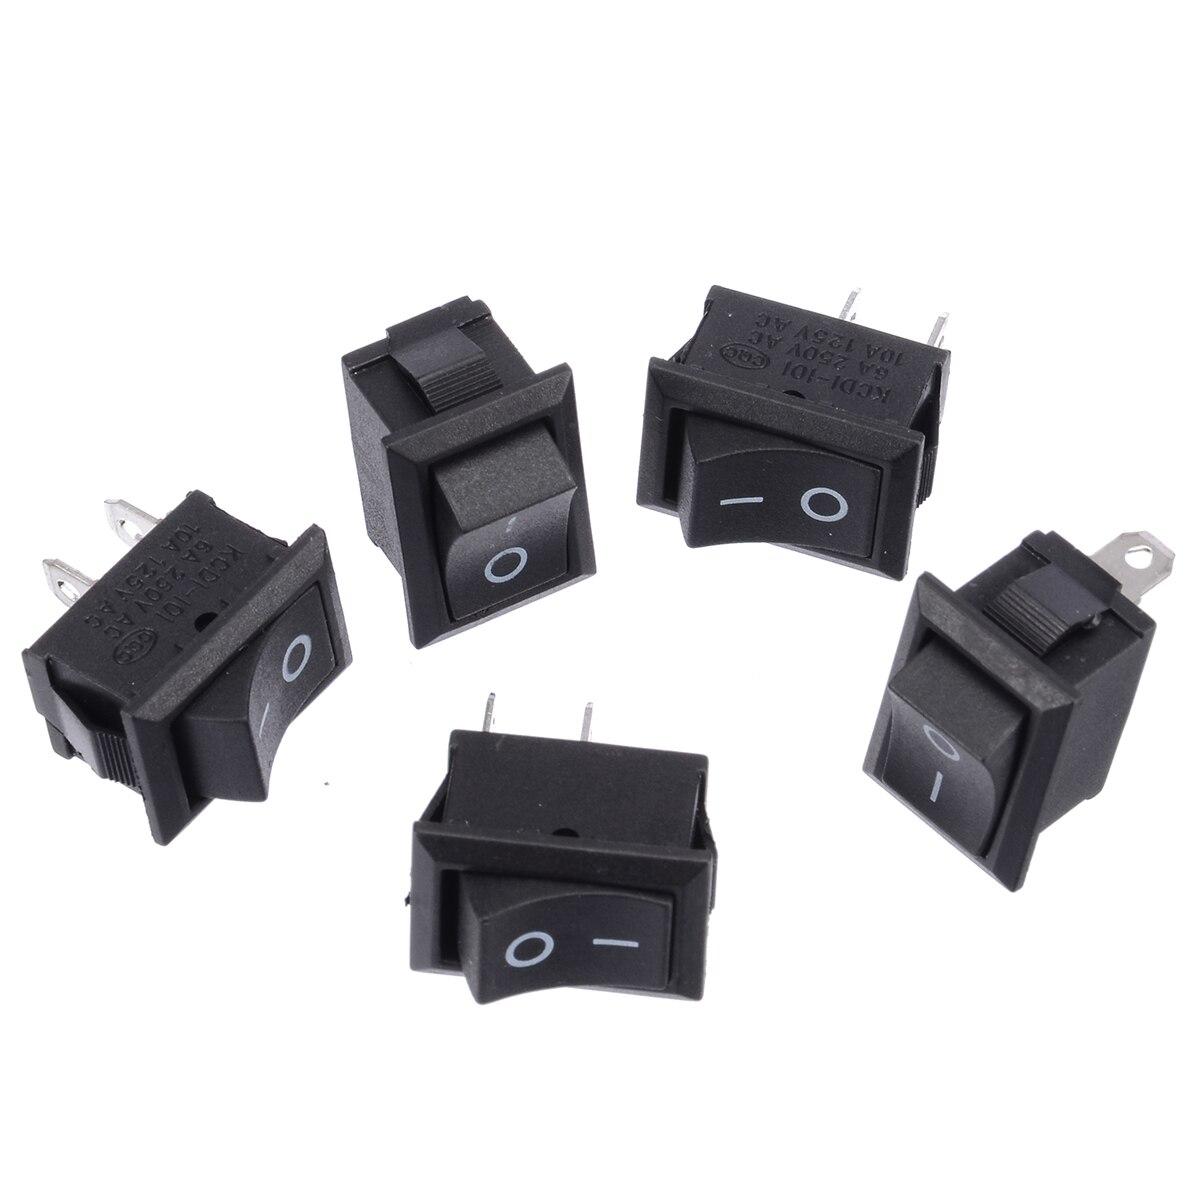 10Pcs 2 Pin On-Off Spst Round Rocker Switch Ac 10A//125V6A//250V Black cv